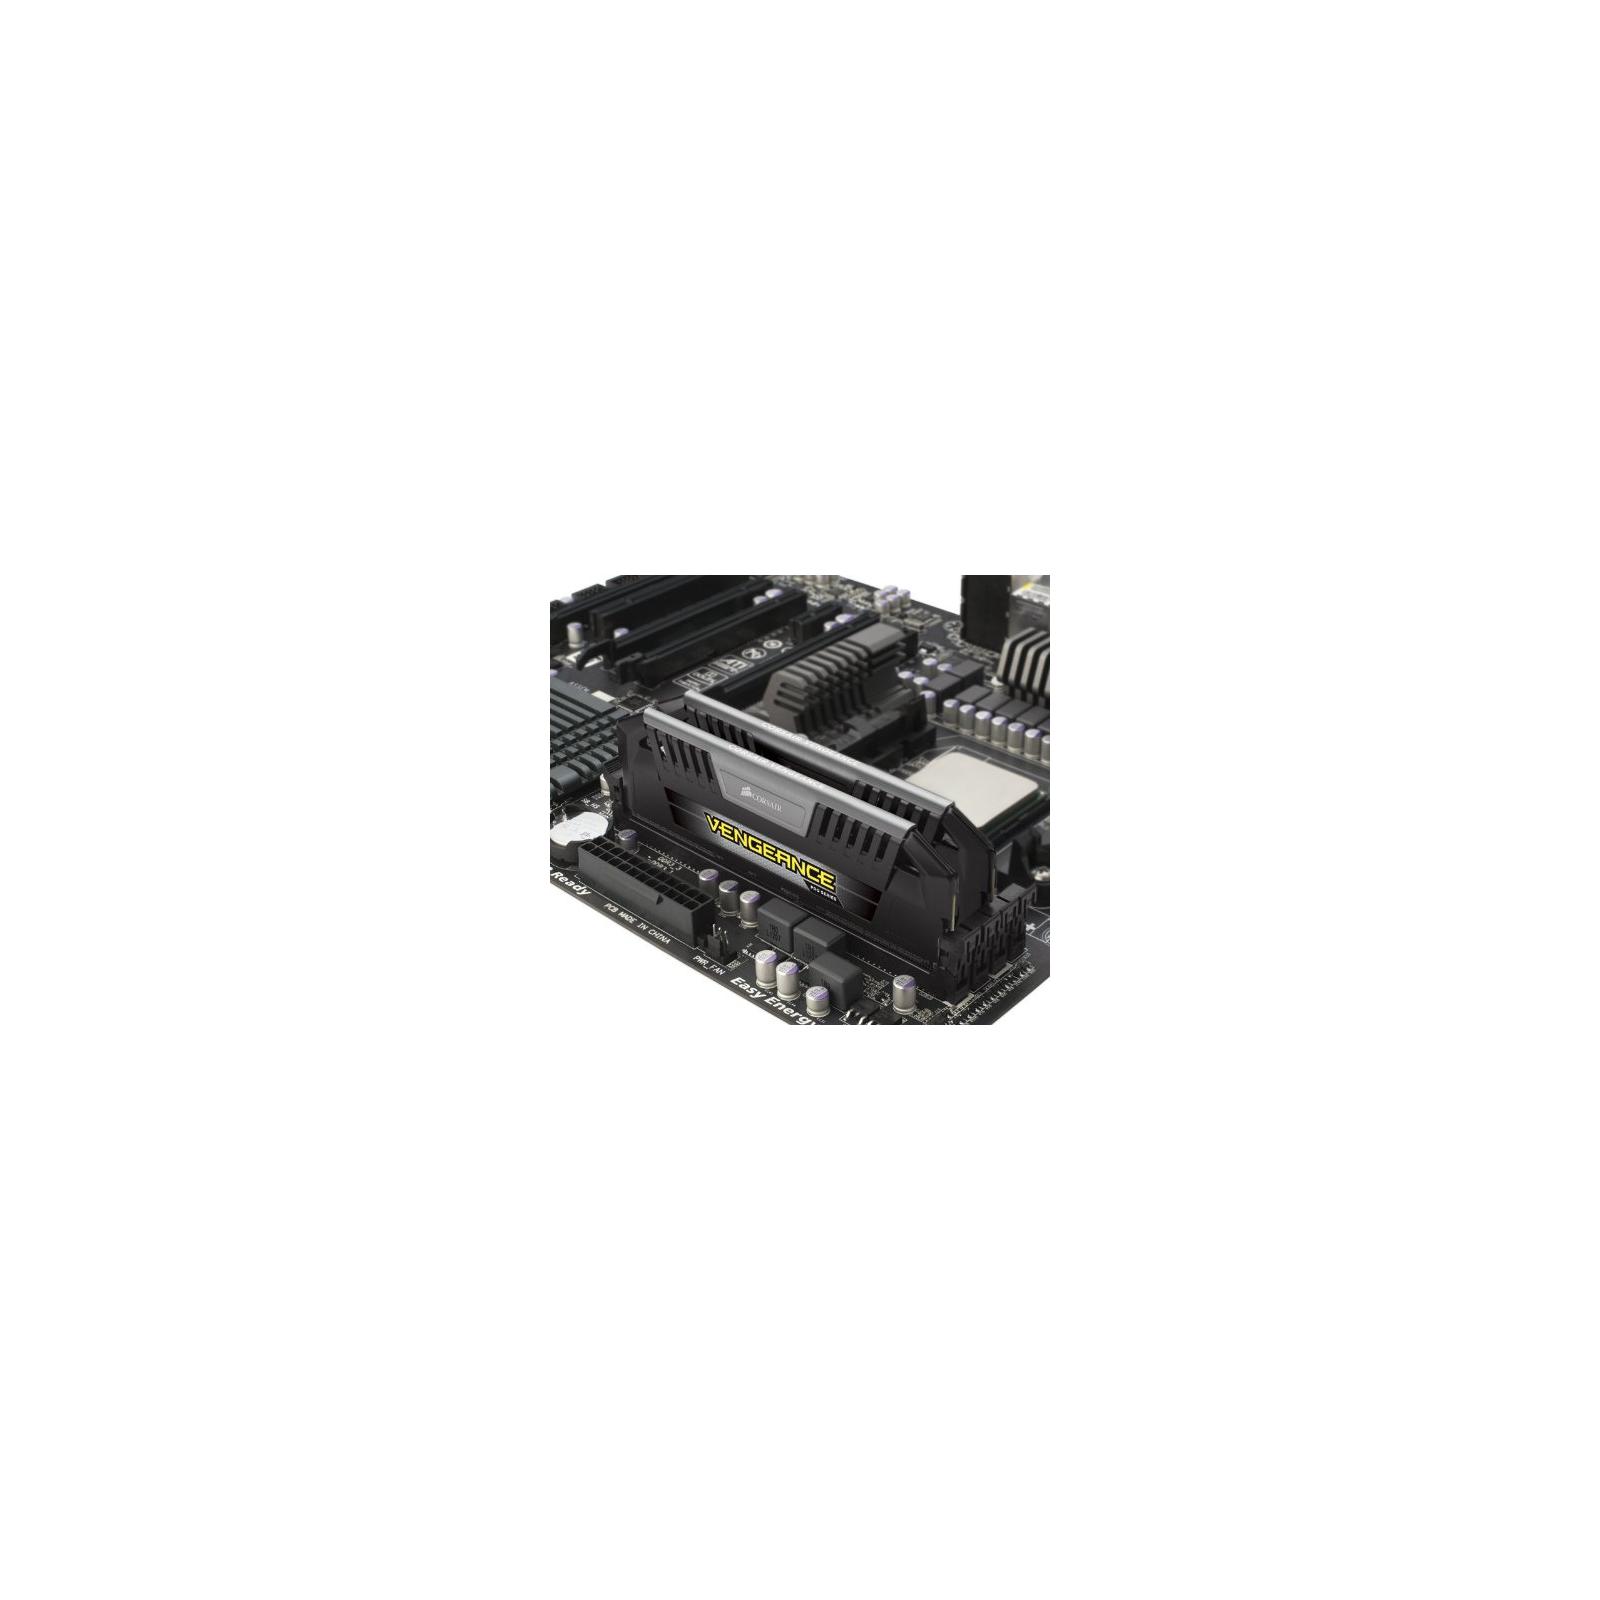 Модуль памяти для компьютера DDR3 8GB (2x4GB) 2133 MHz CORSAIR (CMY8GX3M2A2133C11) изображение 2